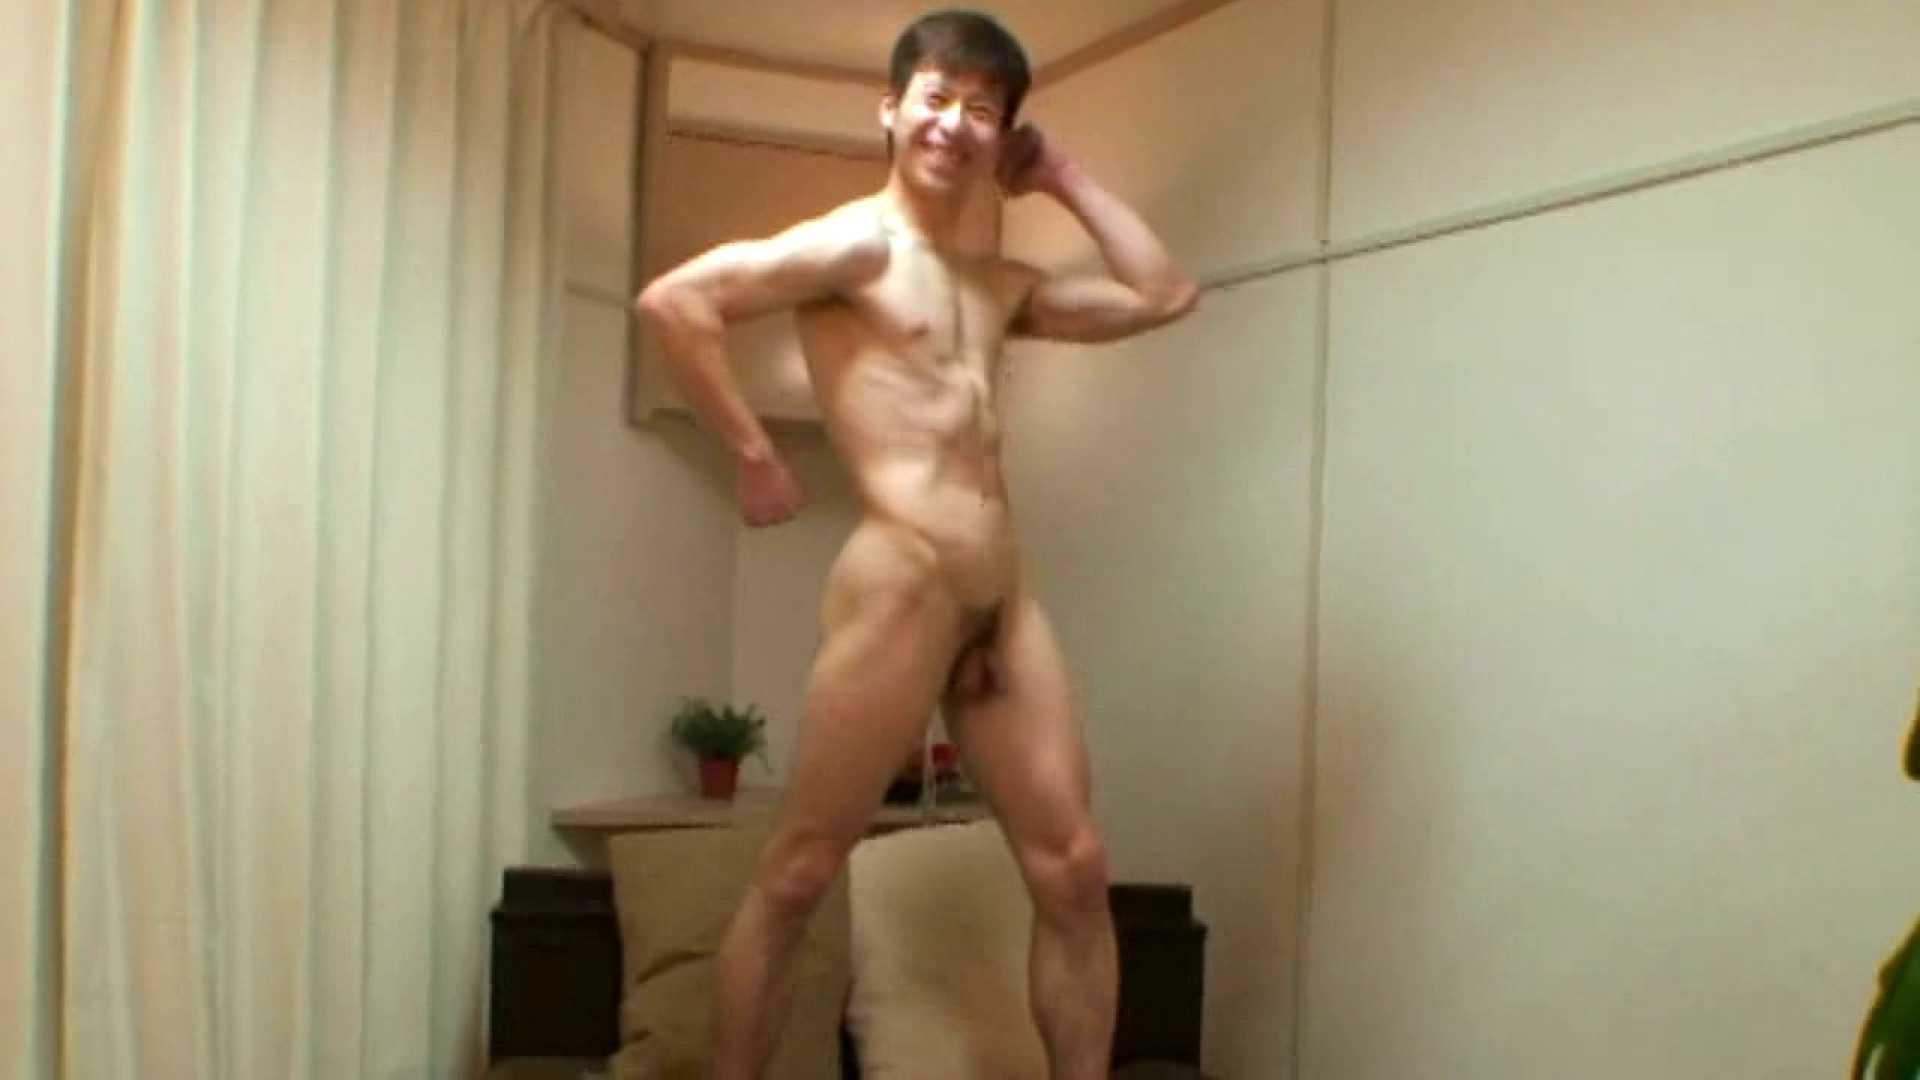 ノンケ!自慰スタジオ No.19 自慰   マッチョ  65画像 37